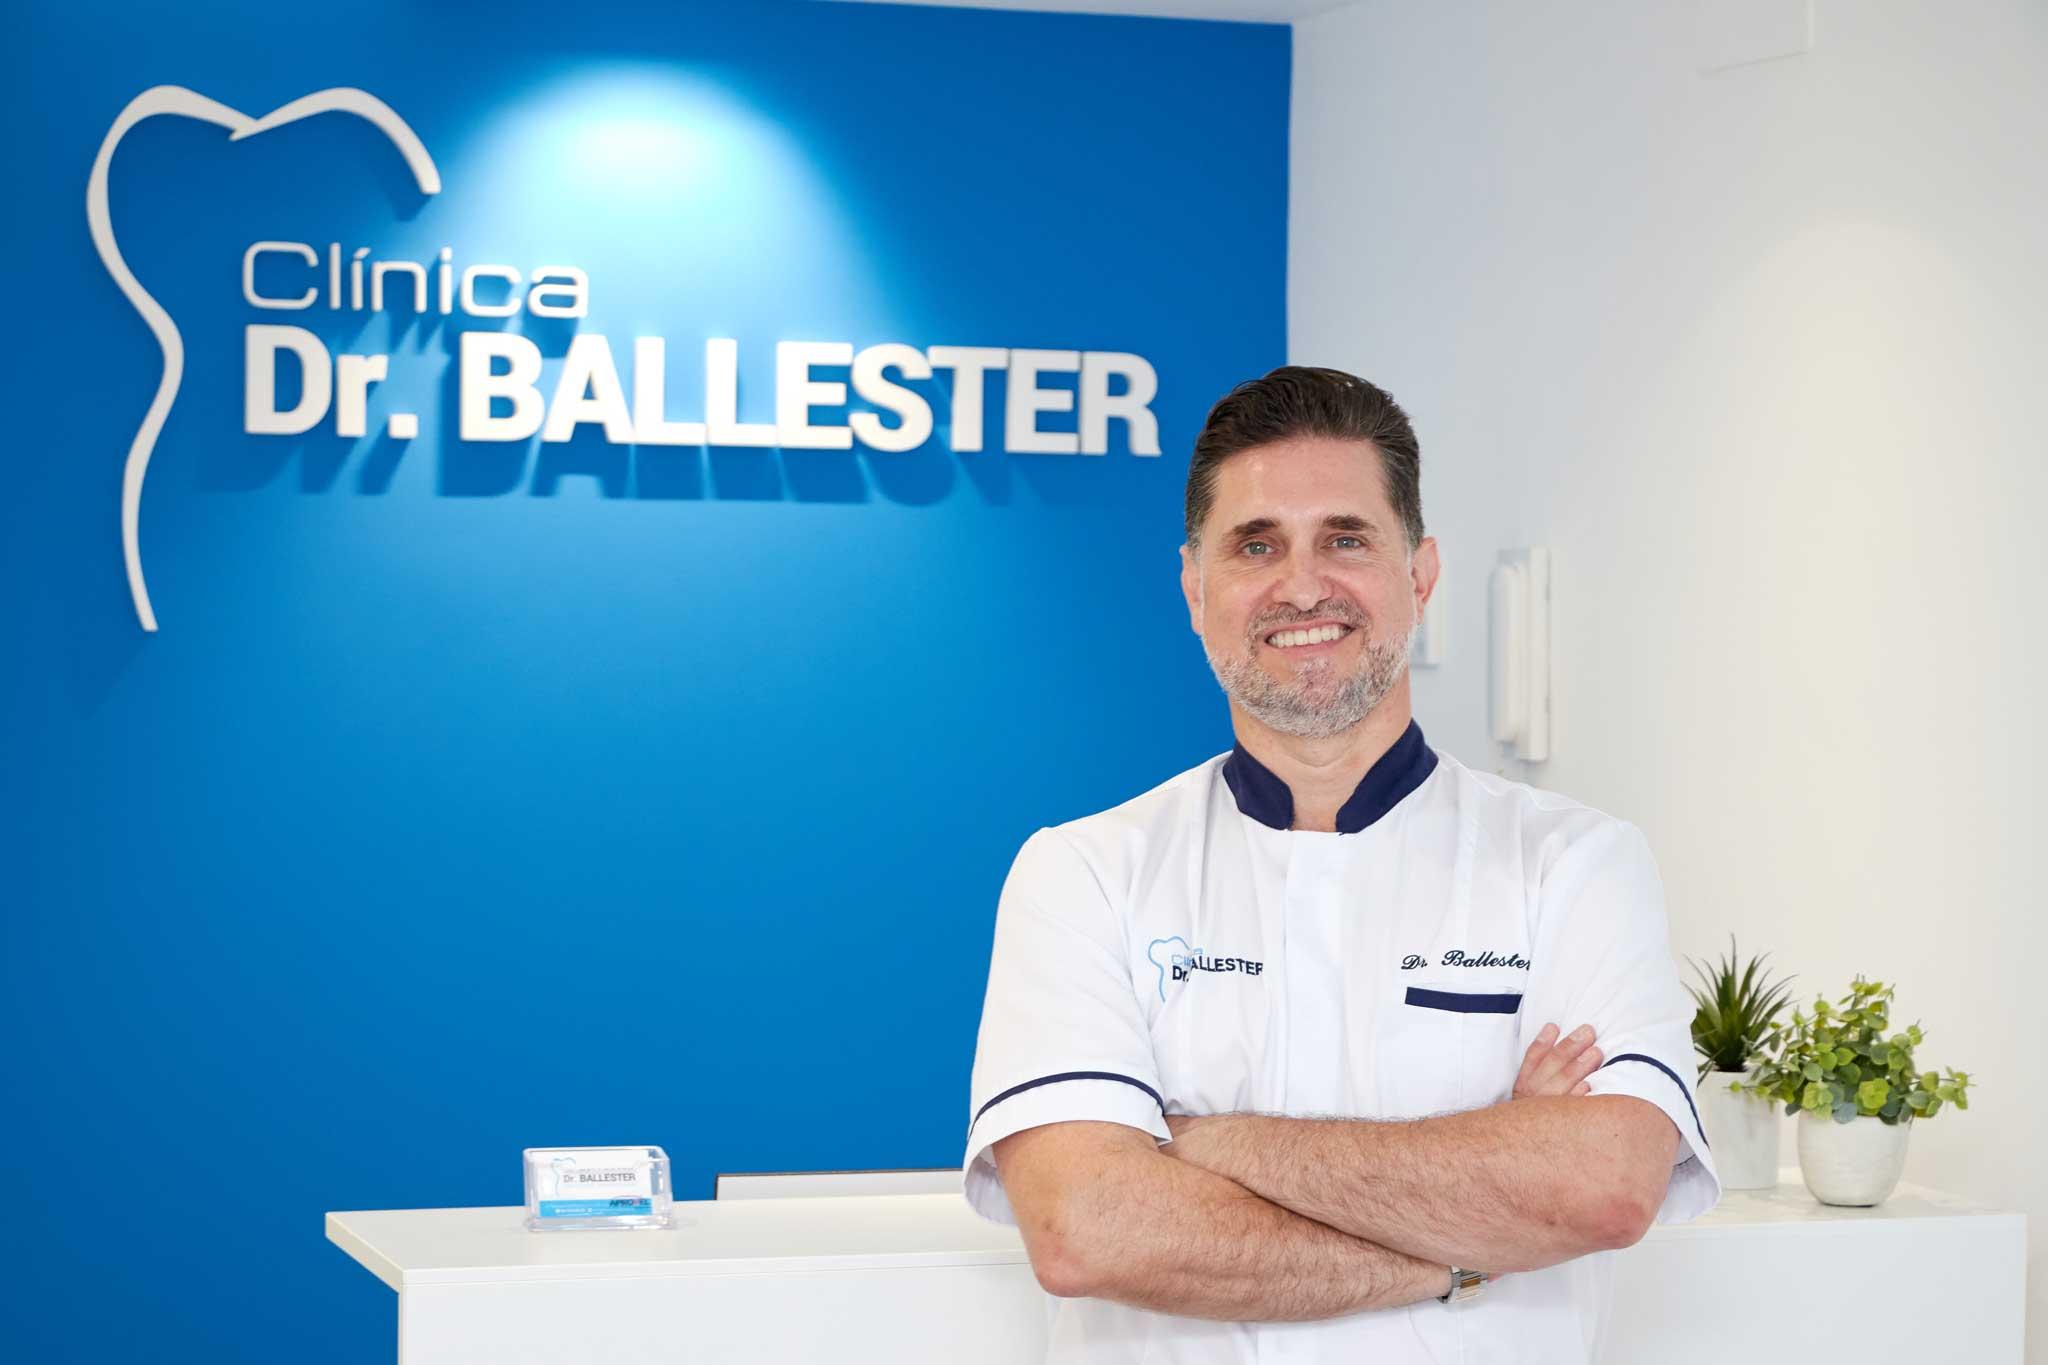 Dr. Ballester